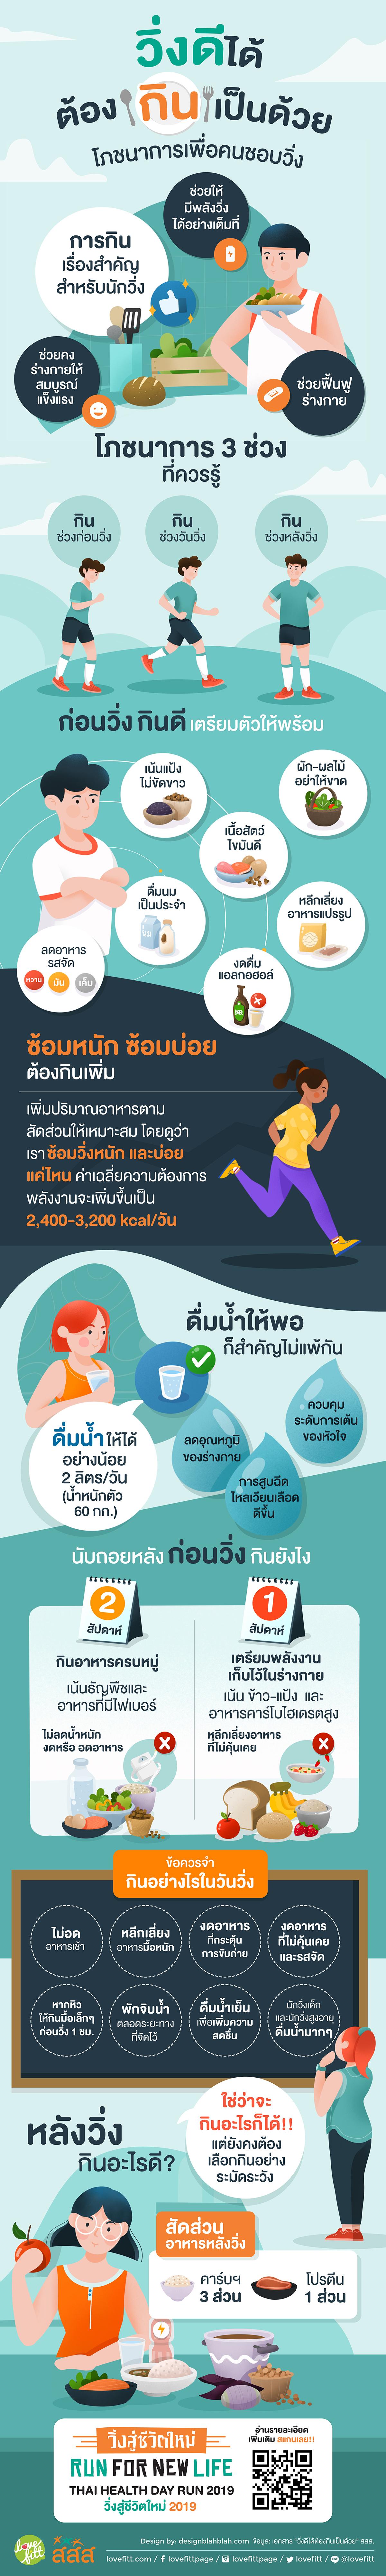 ข้อมูลเกี่ยวกับ วิ่งดีได้ ต้องกินเป็นด้วย โภชนาการเพื่อคนชอบวิ่ง